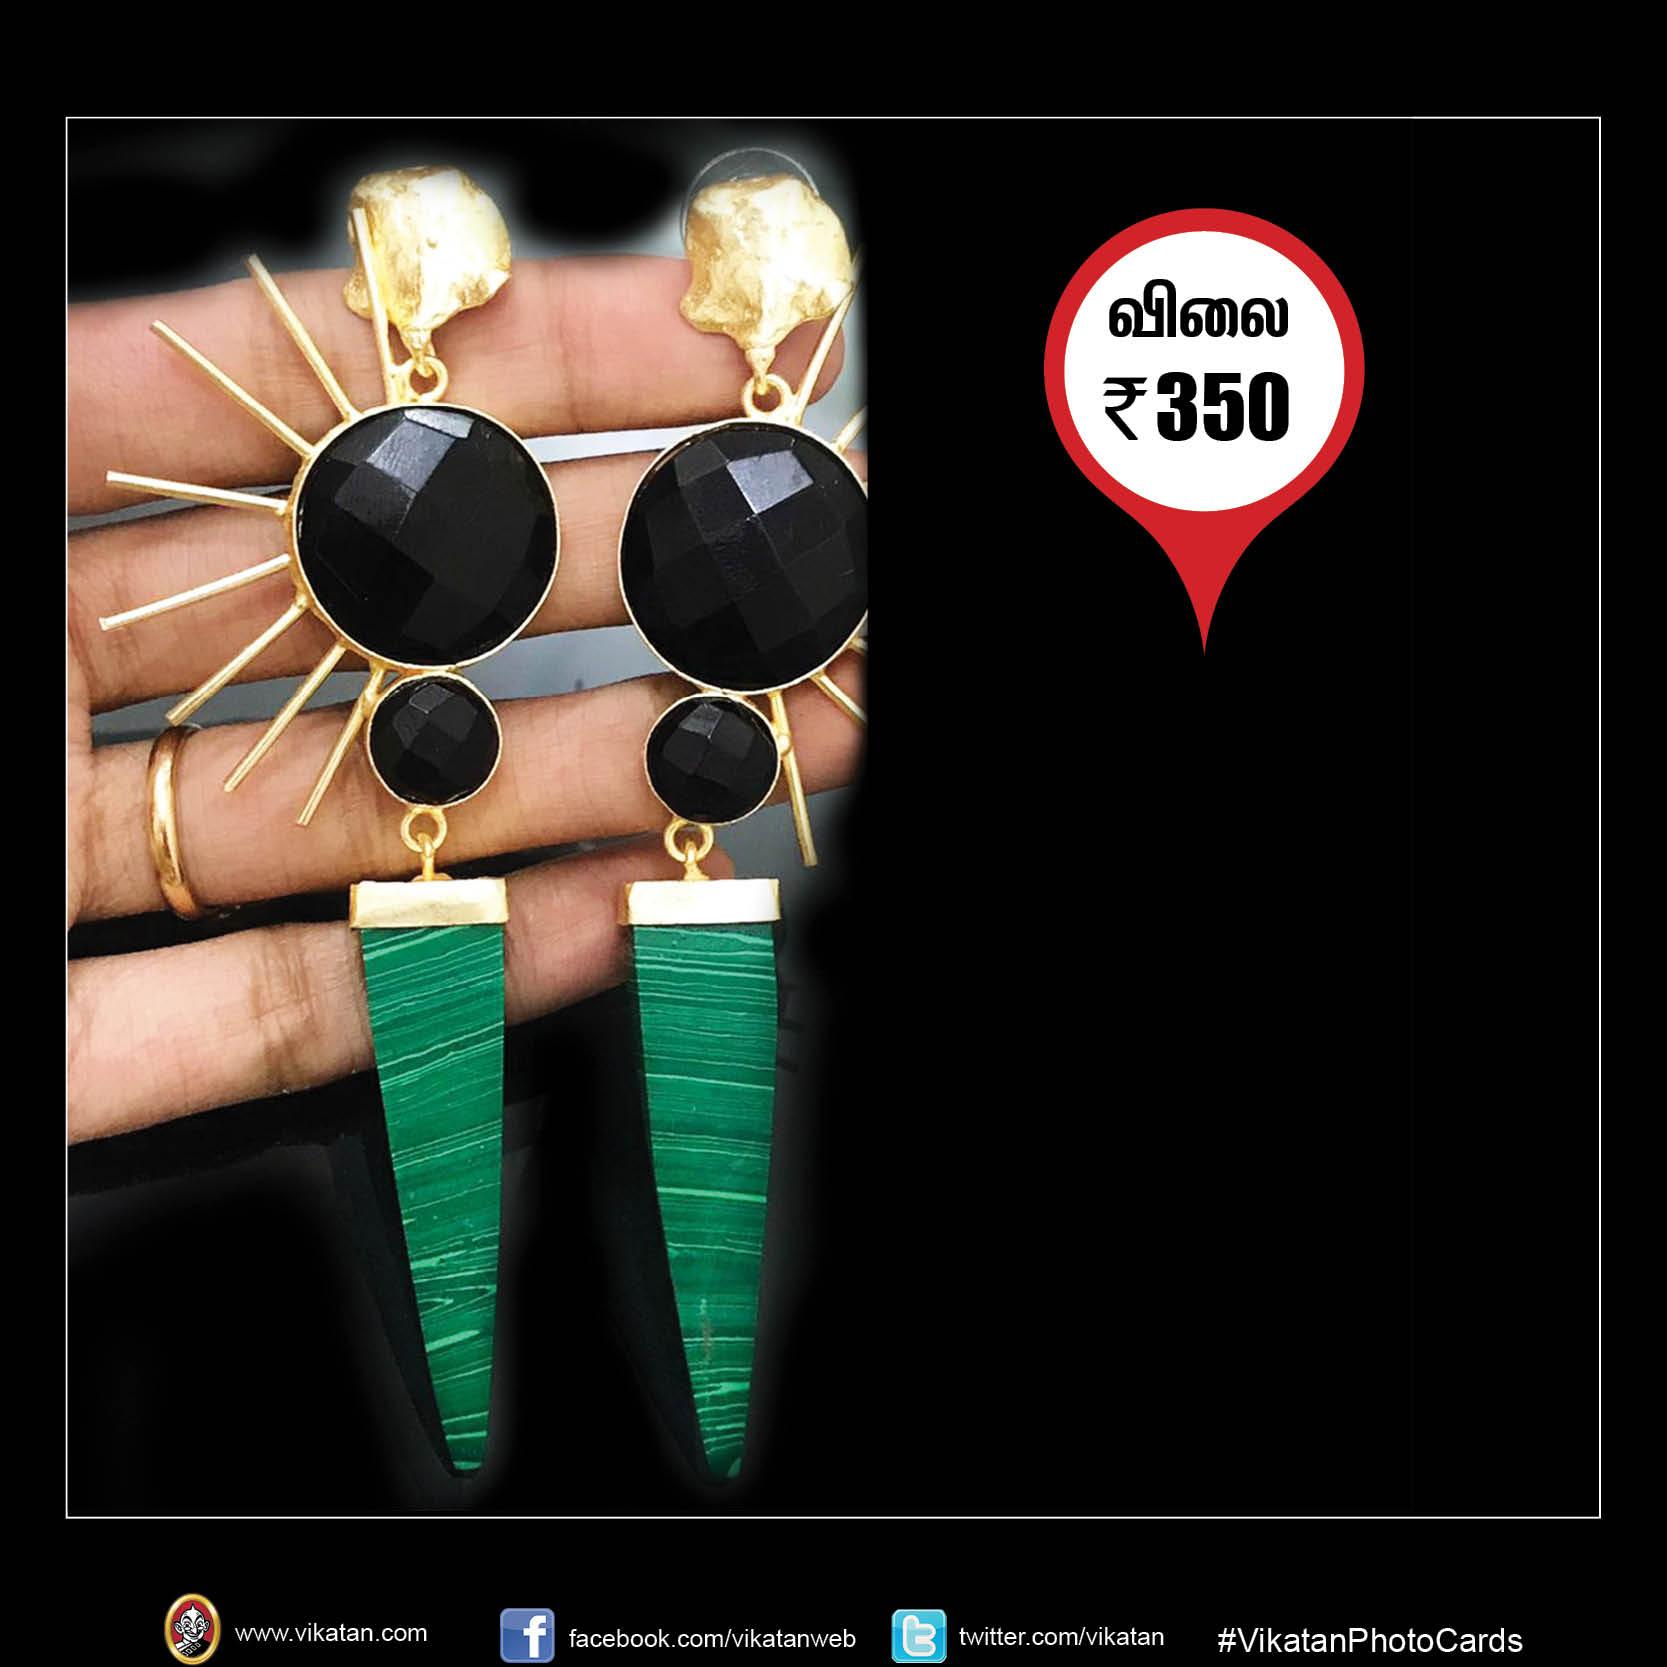 கலக்கலான கம்மல் கலெக்ஷன்ஸ்! #VikatanPhotoCards